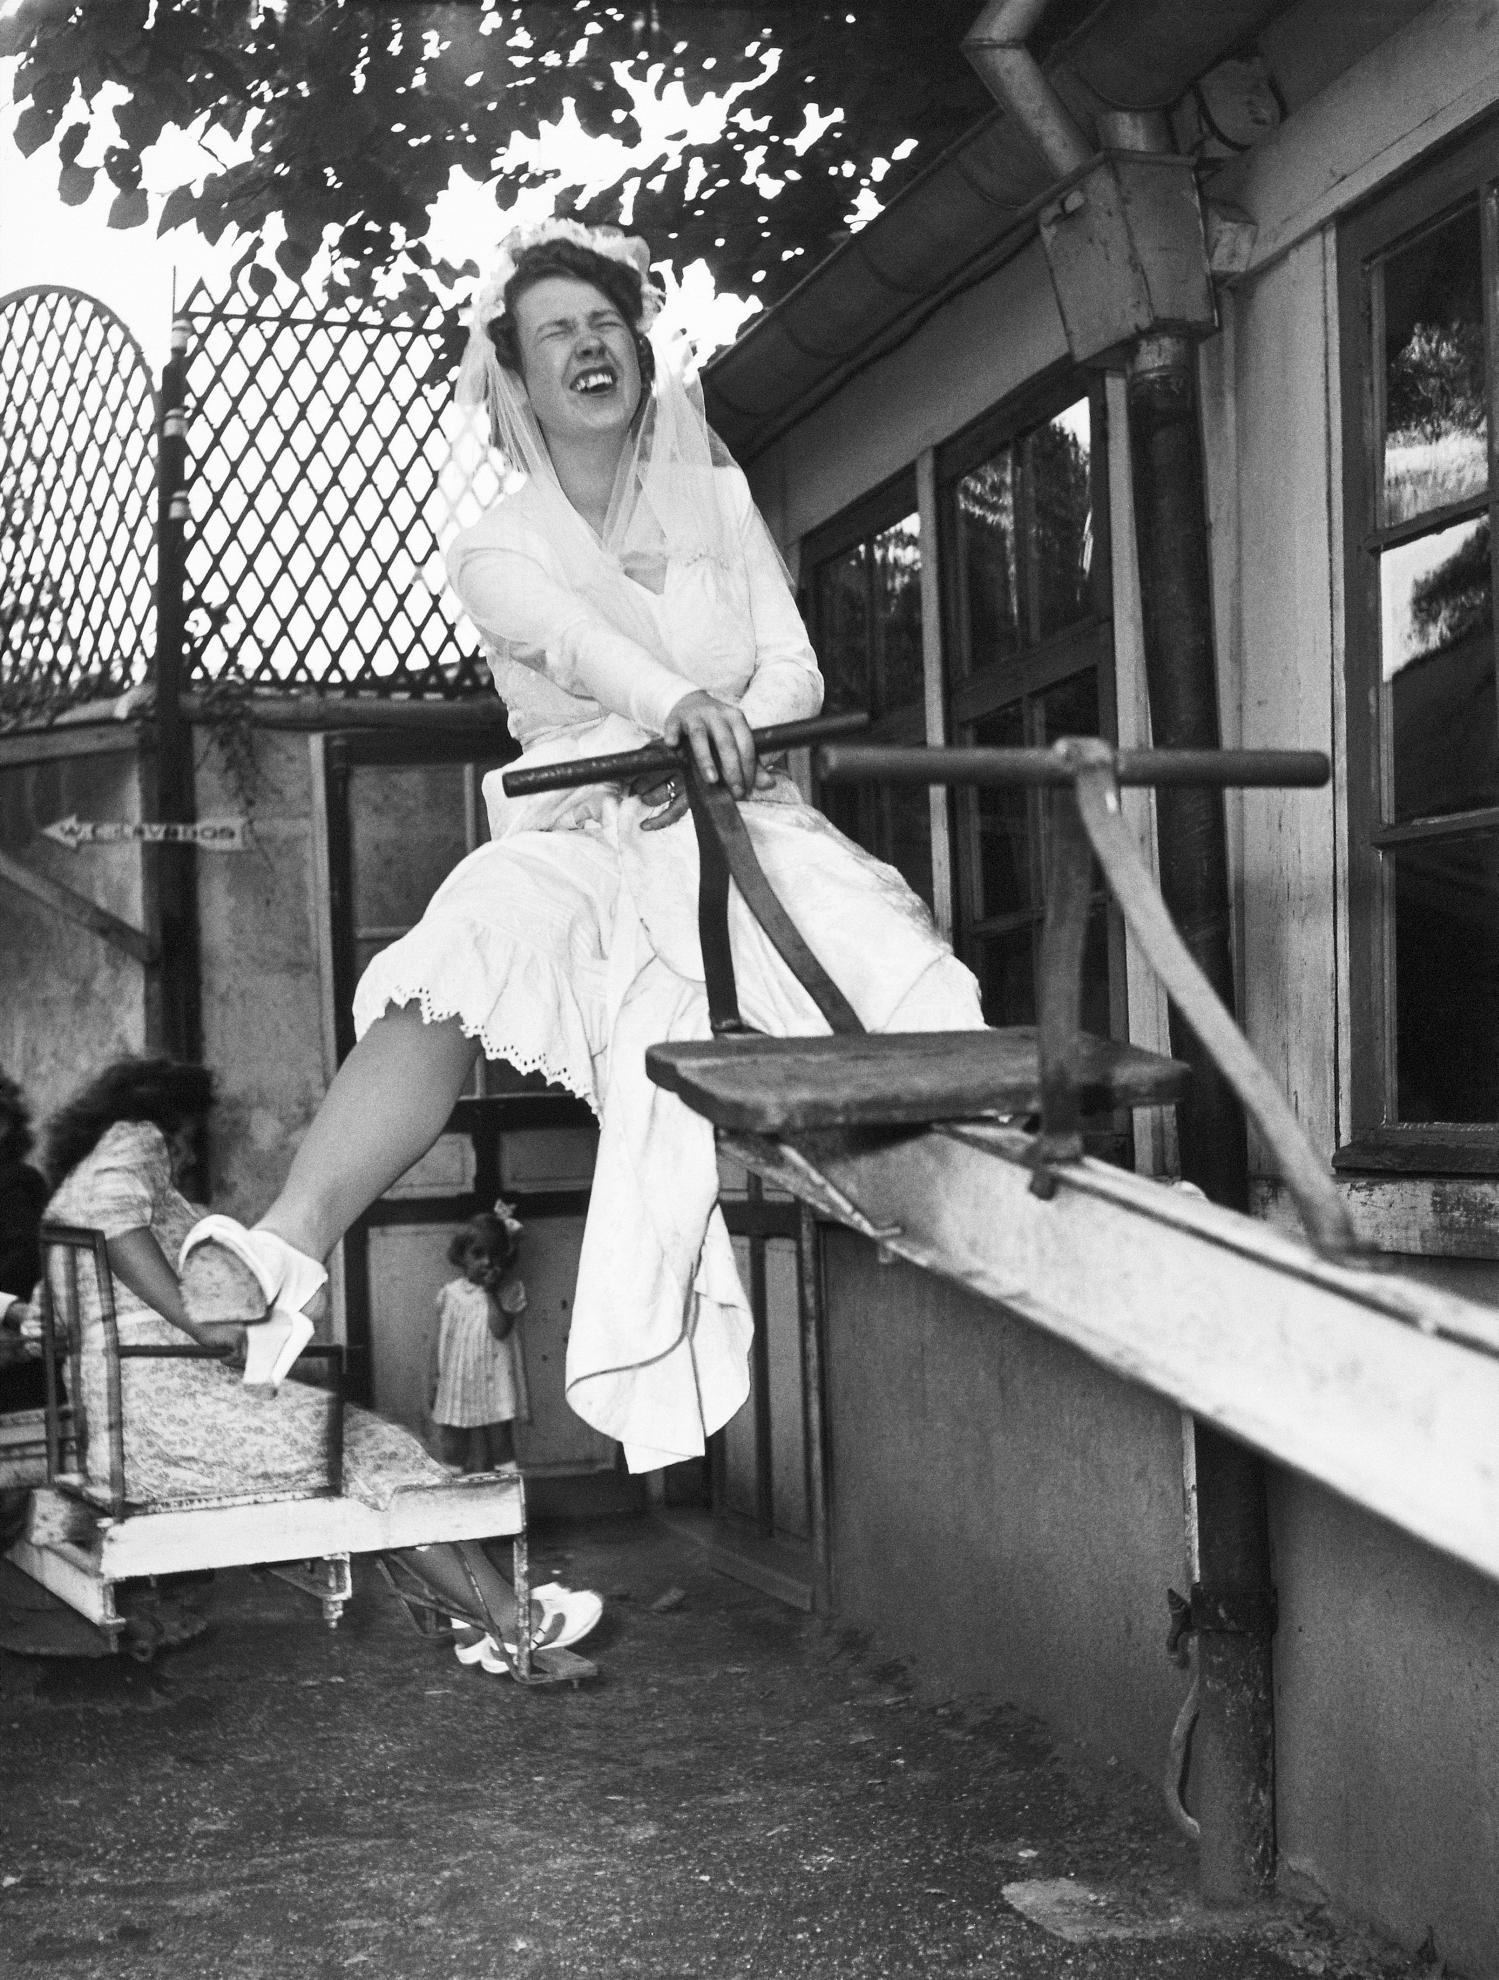 Fotó: Robert Doisneau: A menyasszony Gégène-nél, Joinville-le-Pont, 1946, 24x30cm, zselatinos ezüst © Atelier Robert Doisneau